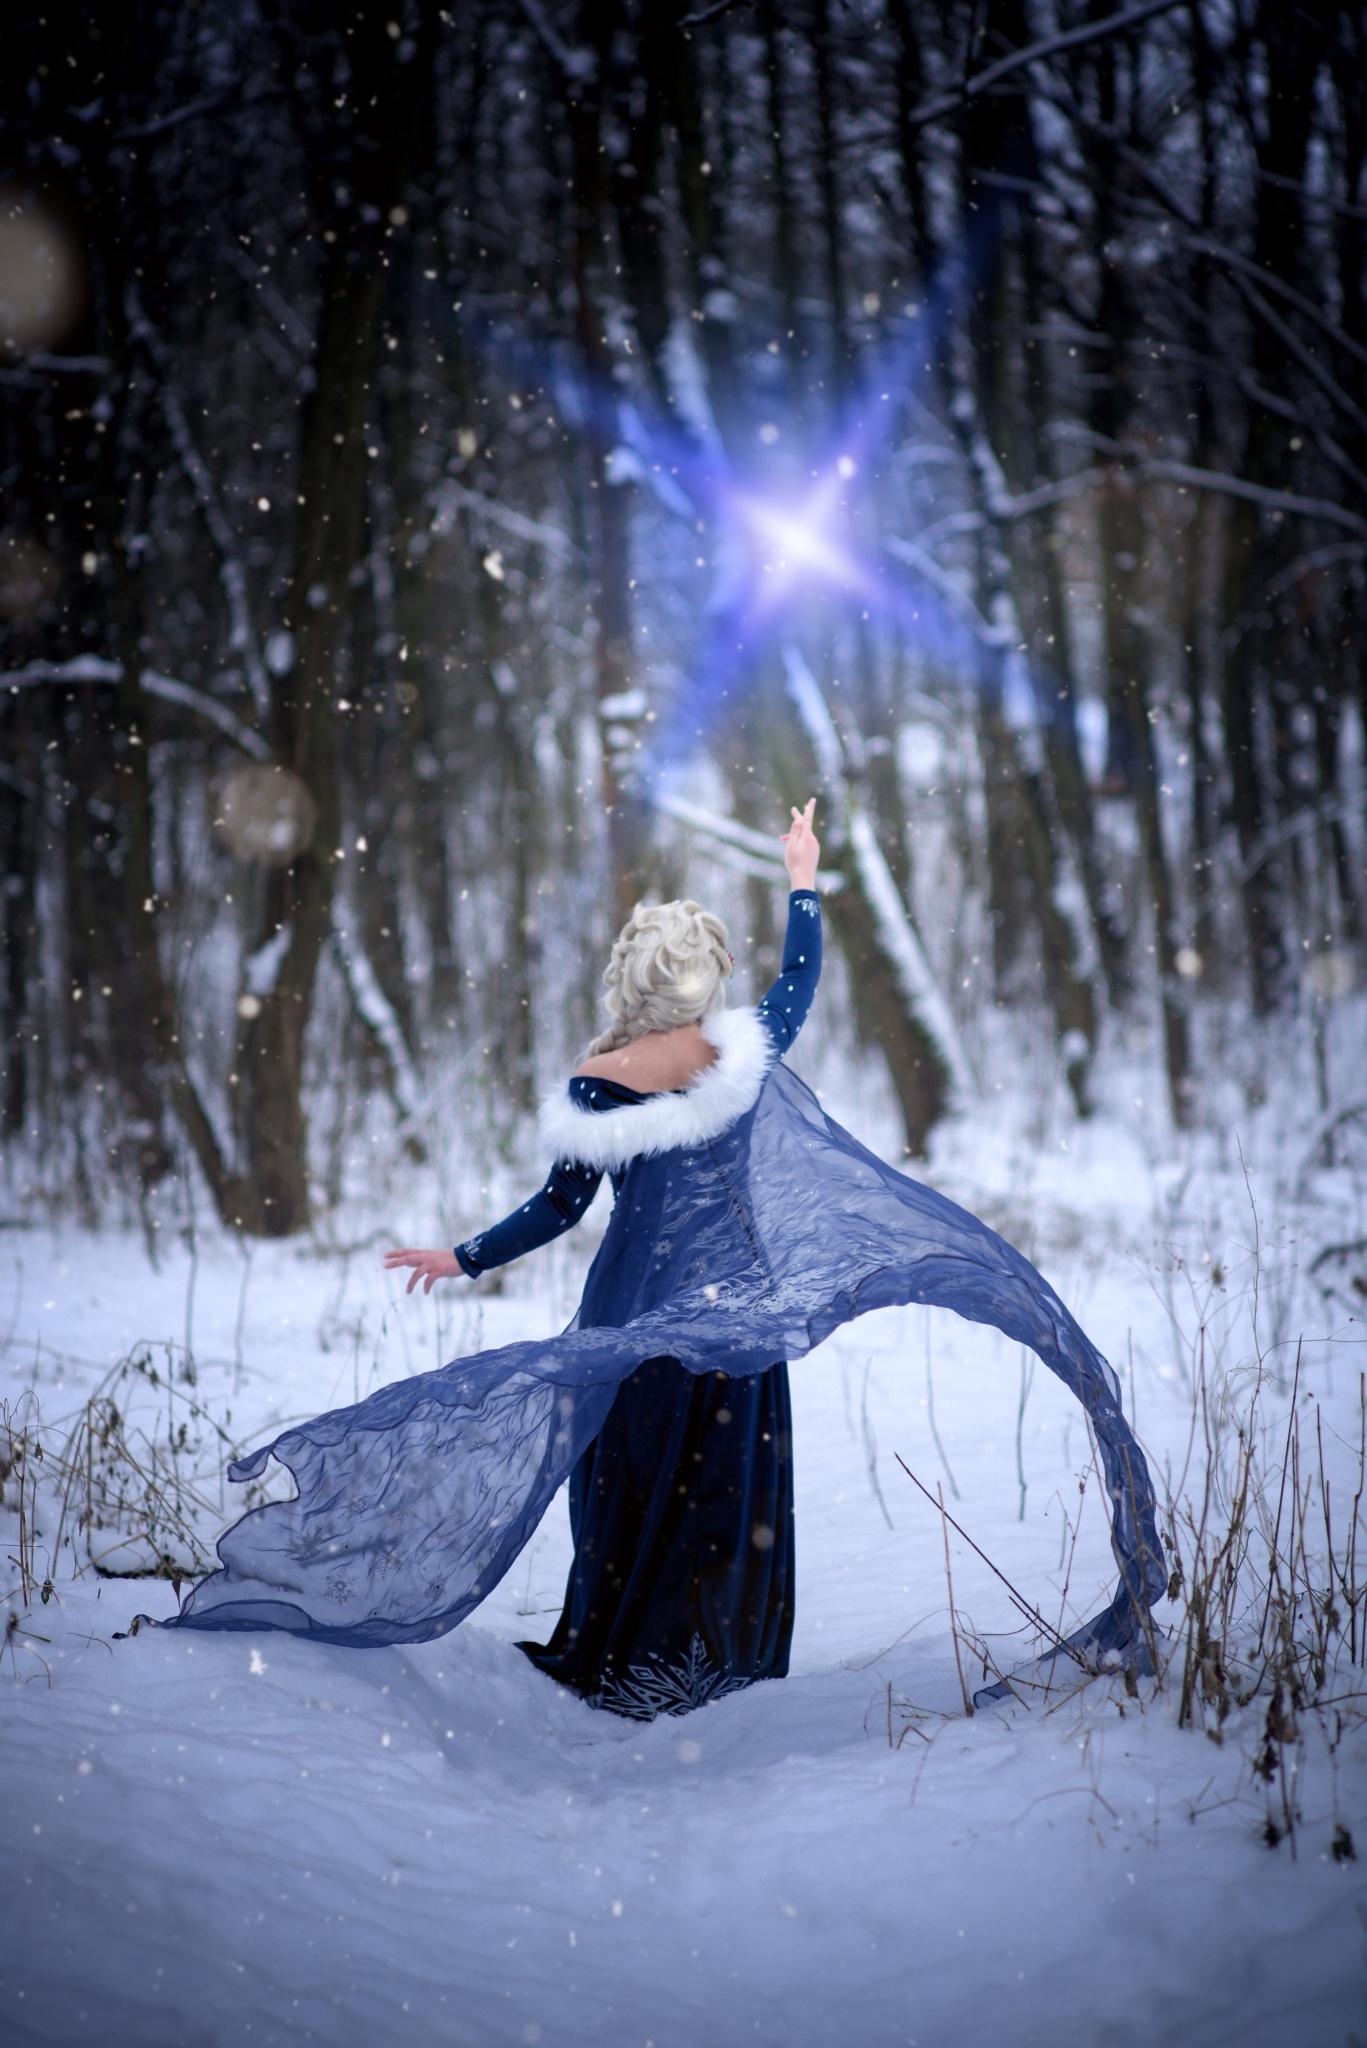 Fügen Sie Lichteffekte in Ihre Fotos ein? Denken Sie an die richtige Beleuchtung der Szene